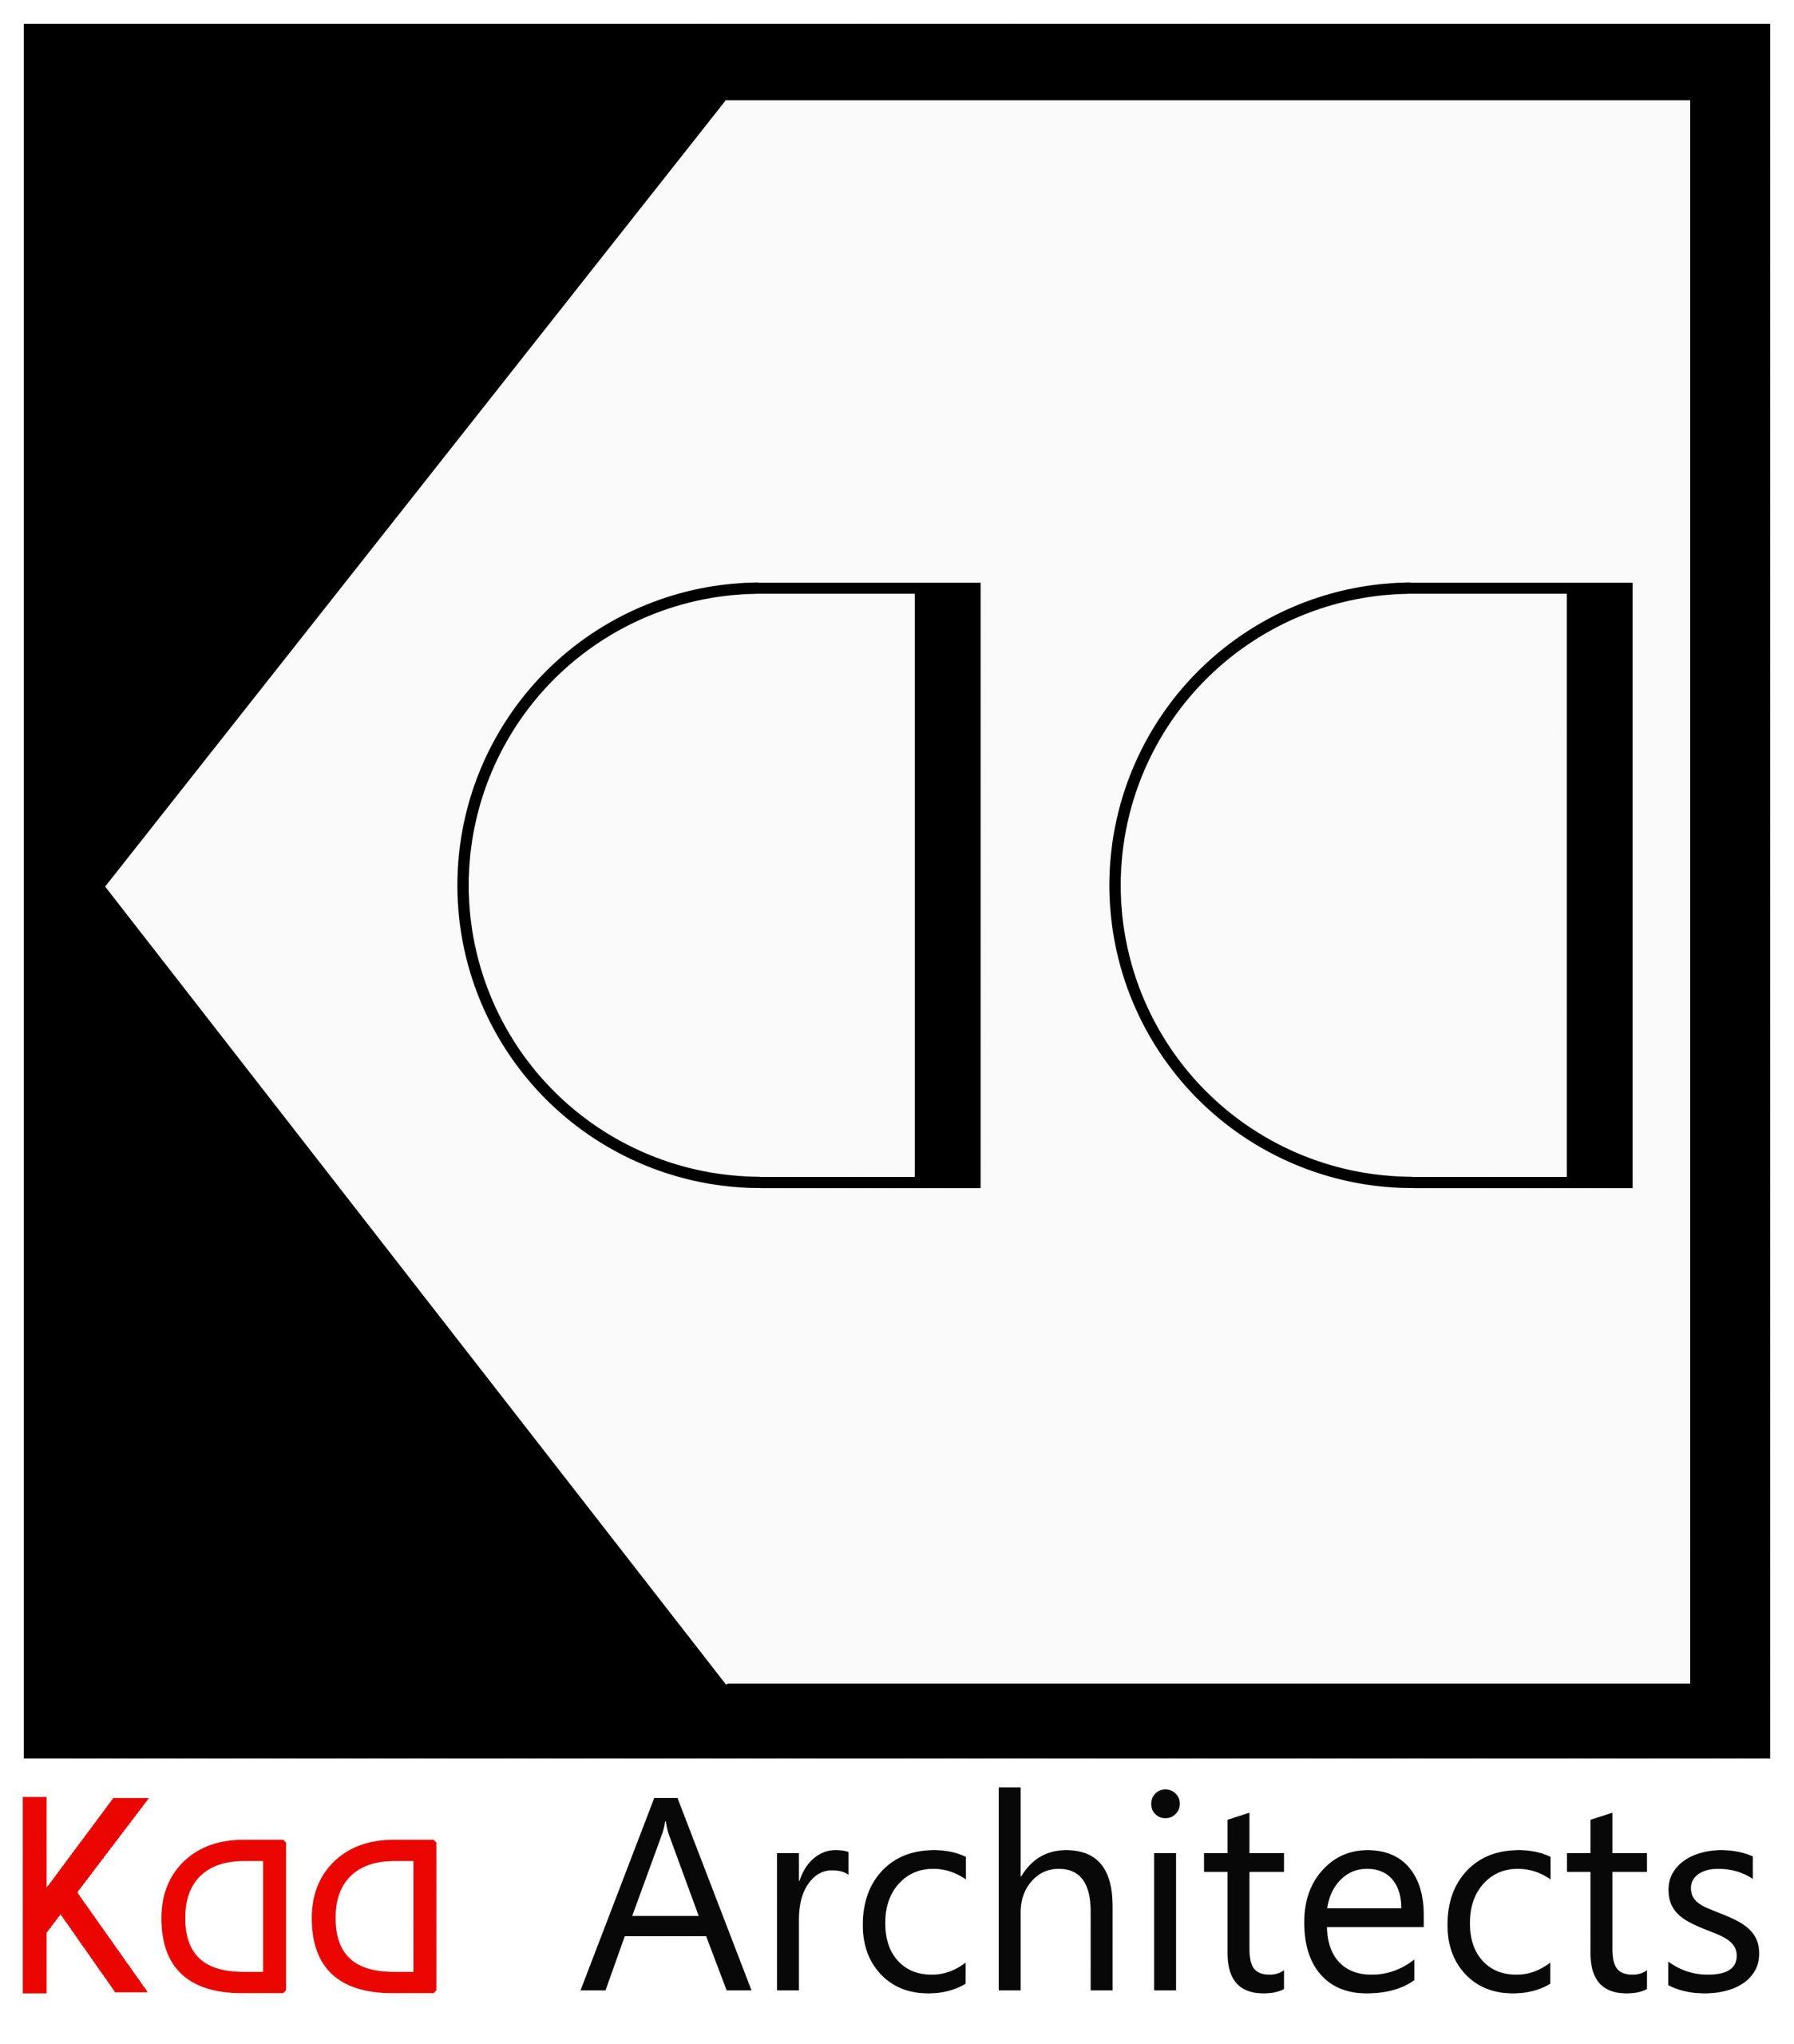 Kaa Architects